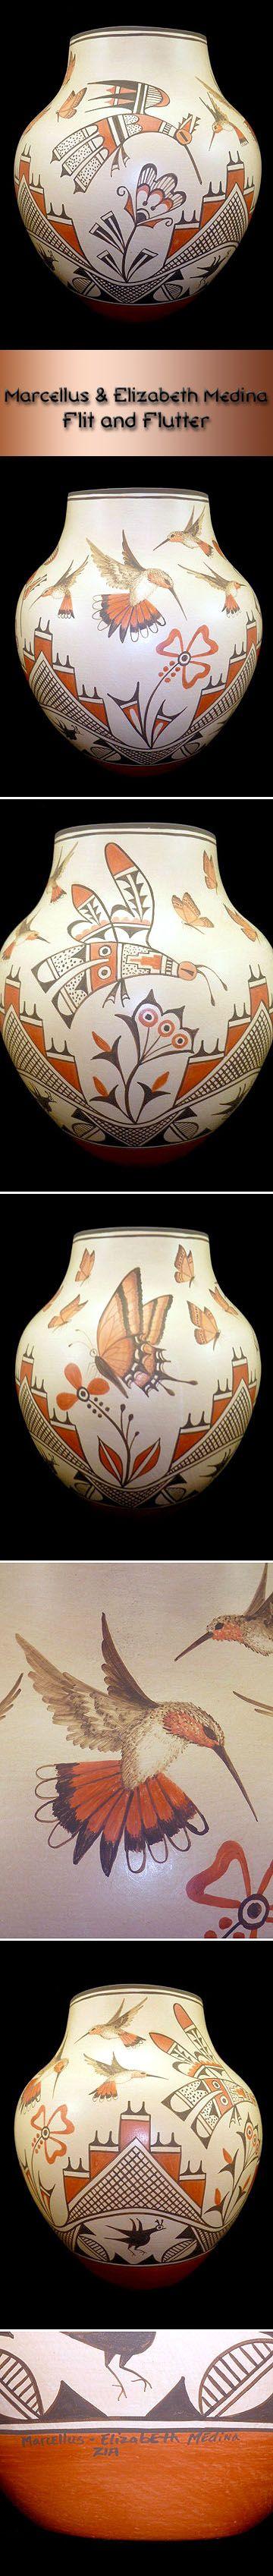 Zia Pueblo Pottery by Marcellus & Elizabeth Medina Flit